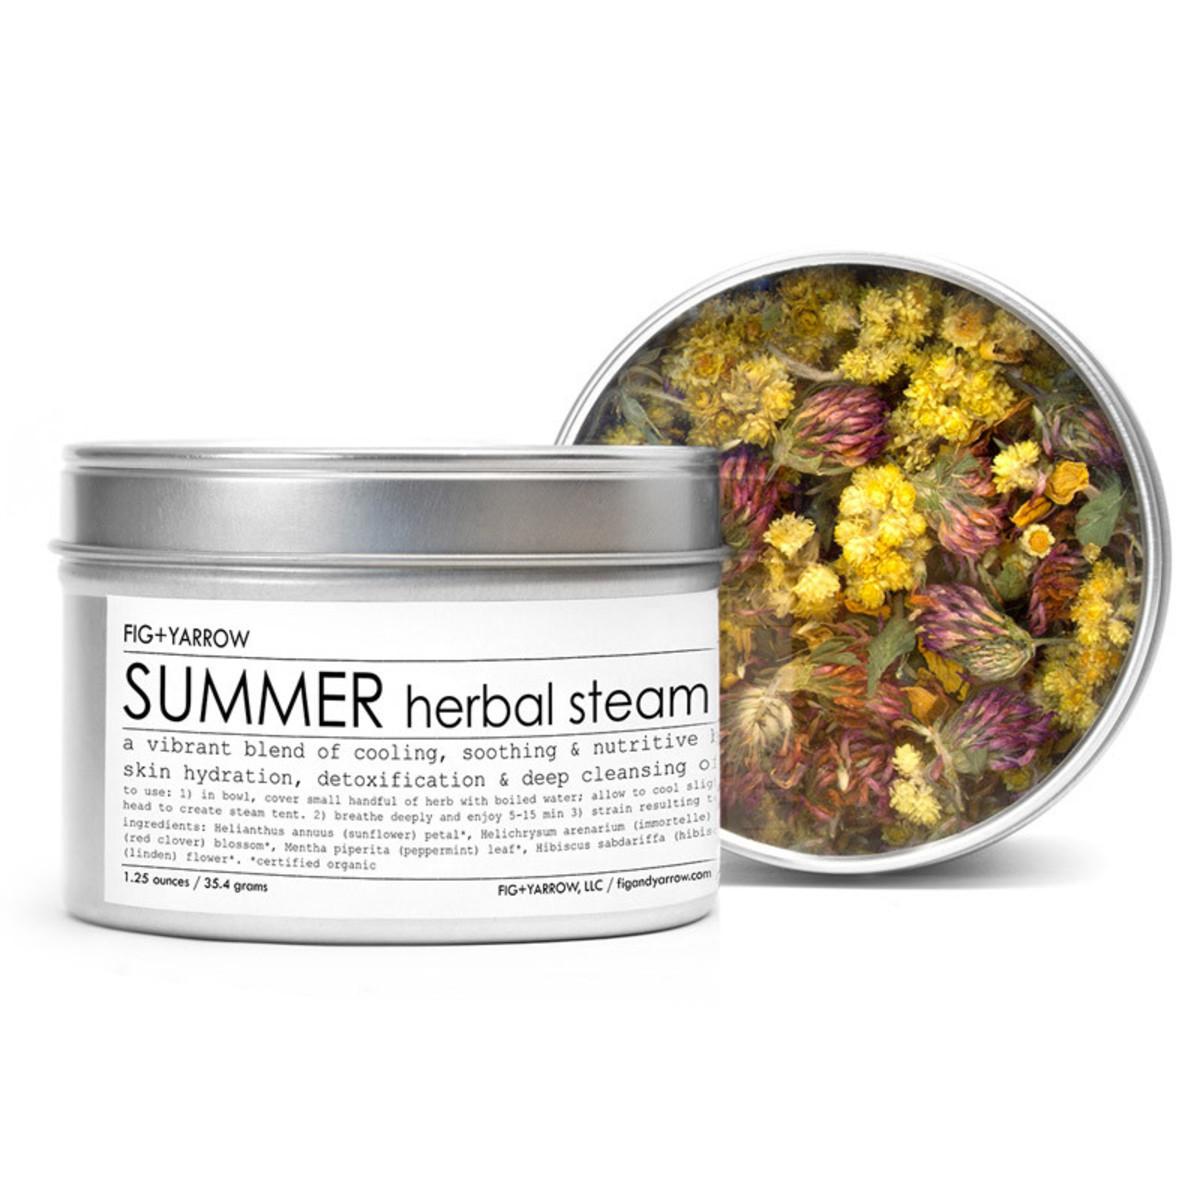 Fig + Yarrow Herbal Steams